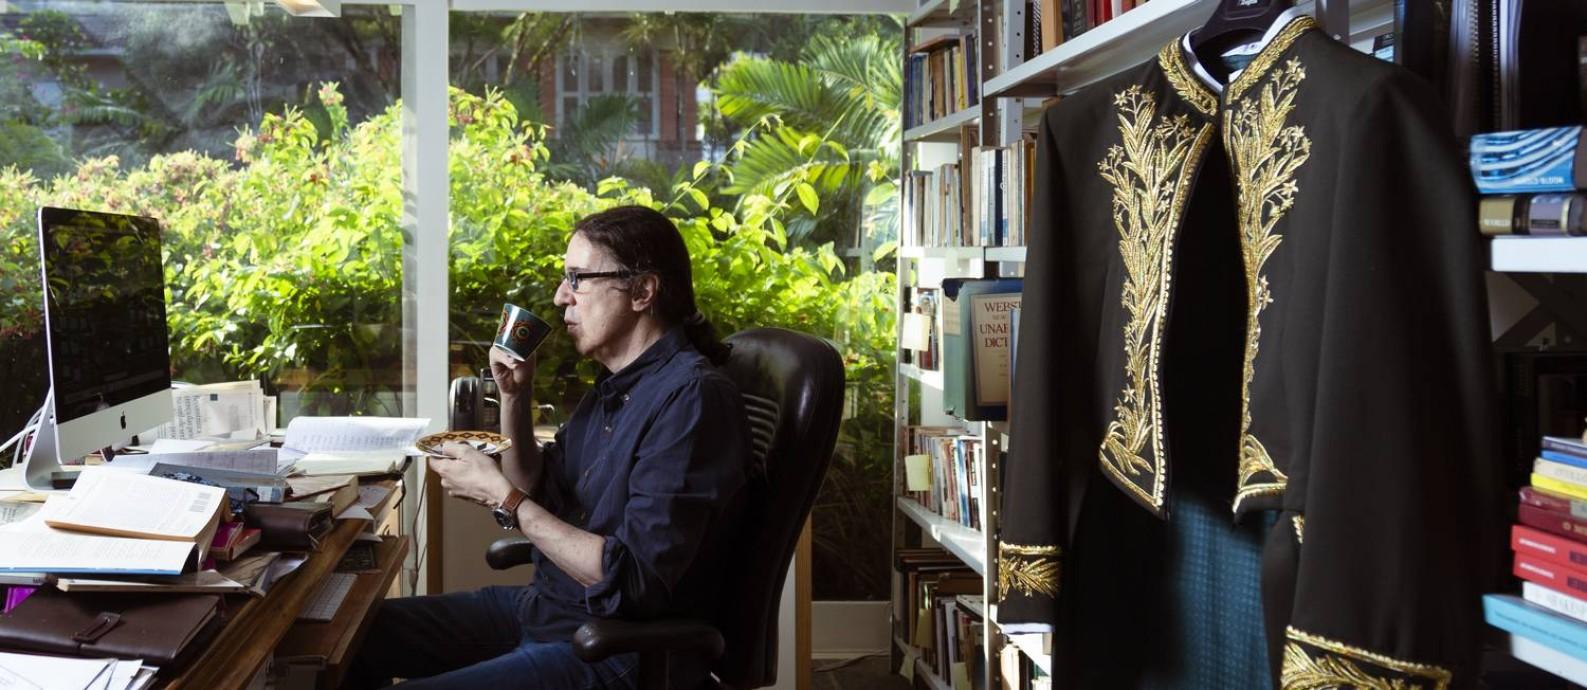 O poeta Geraldinho Carneiro confinado em sua casa no Jardim Botânico: solitário chá das 17h e fardão pendurado Foto: Leo Martins / Agência O Globo